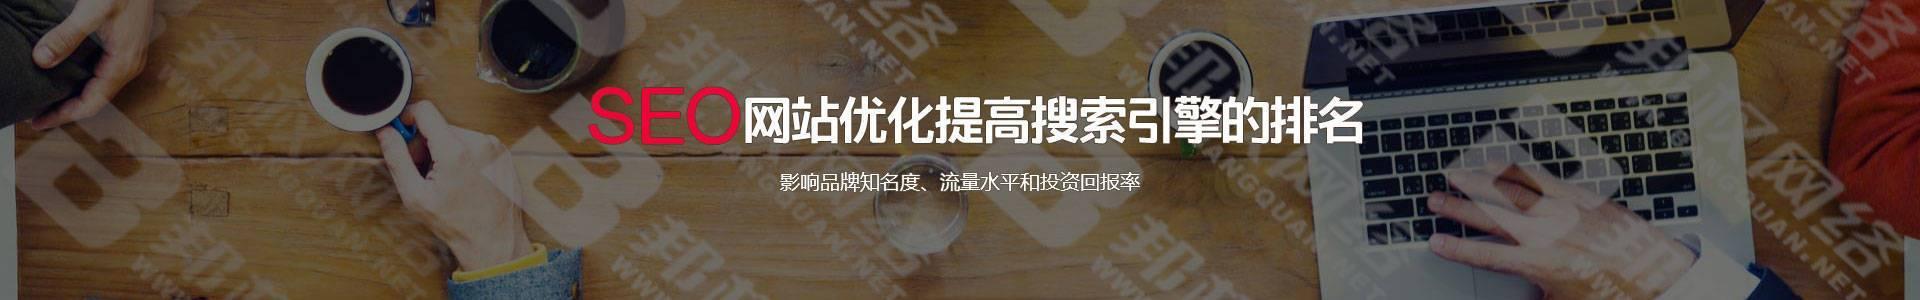 温州SEO优化_专业网站优化与推广